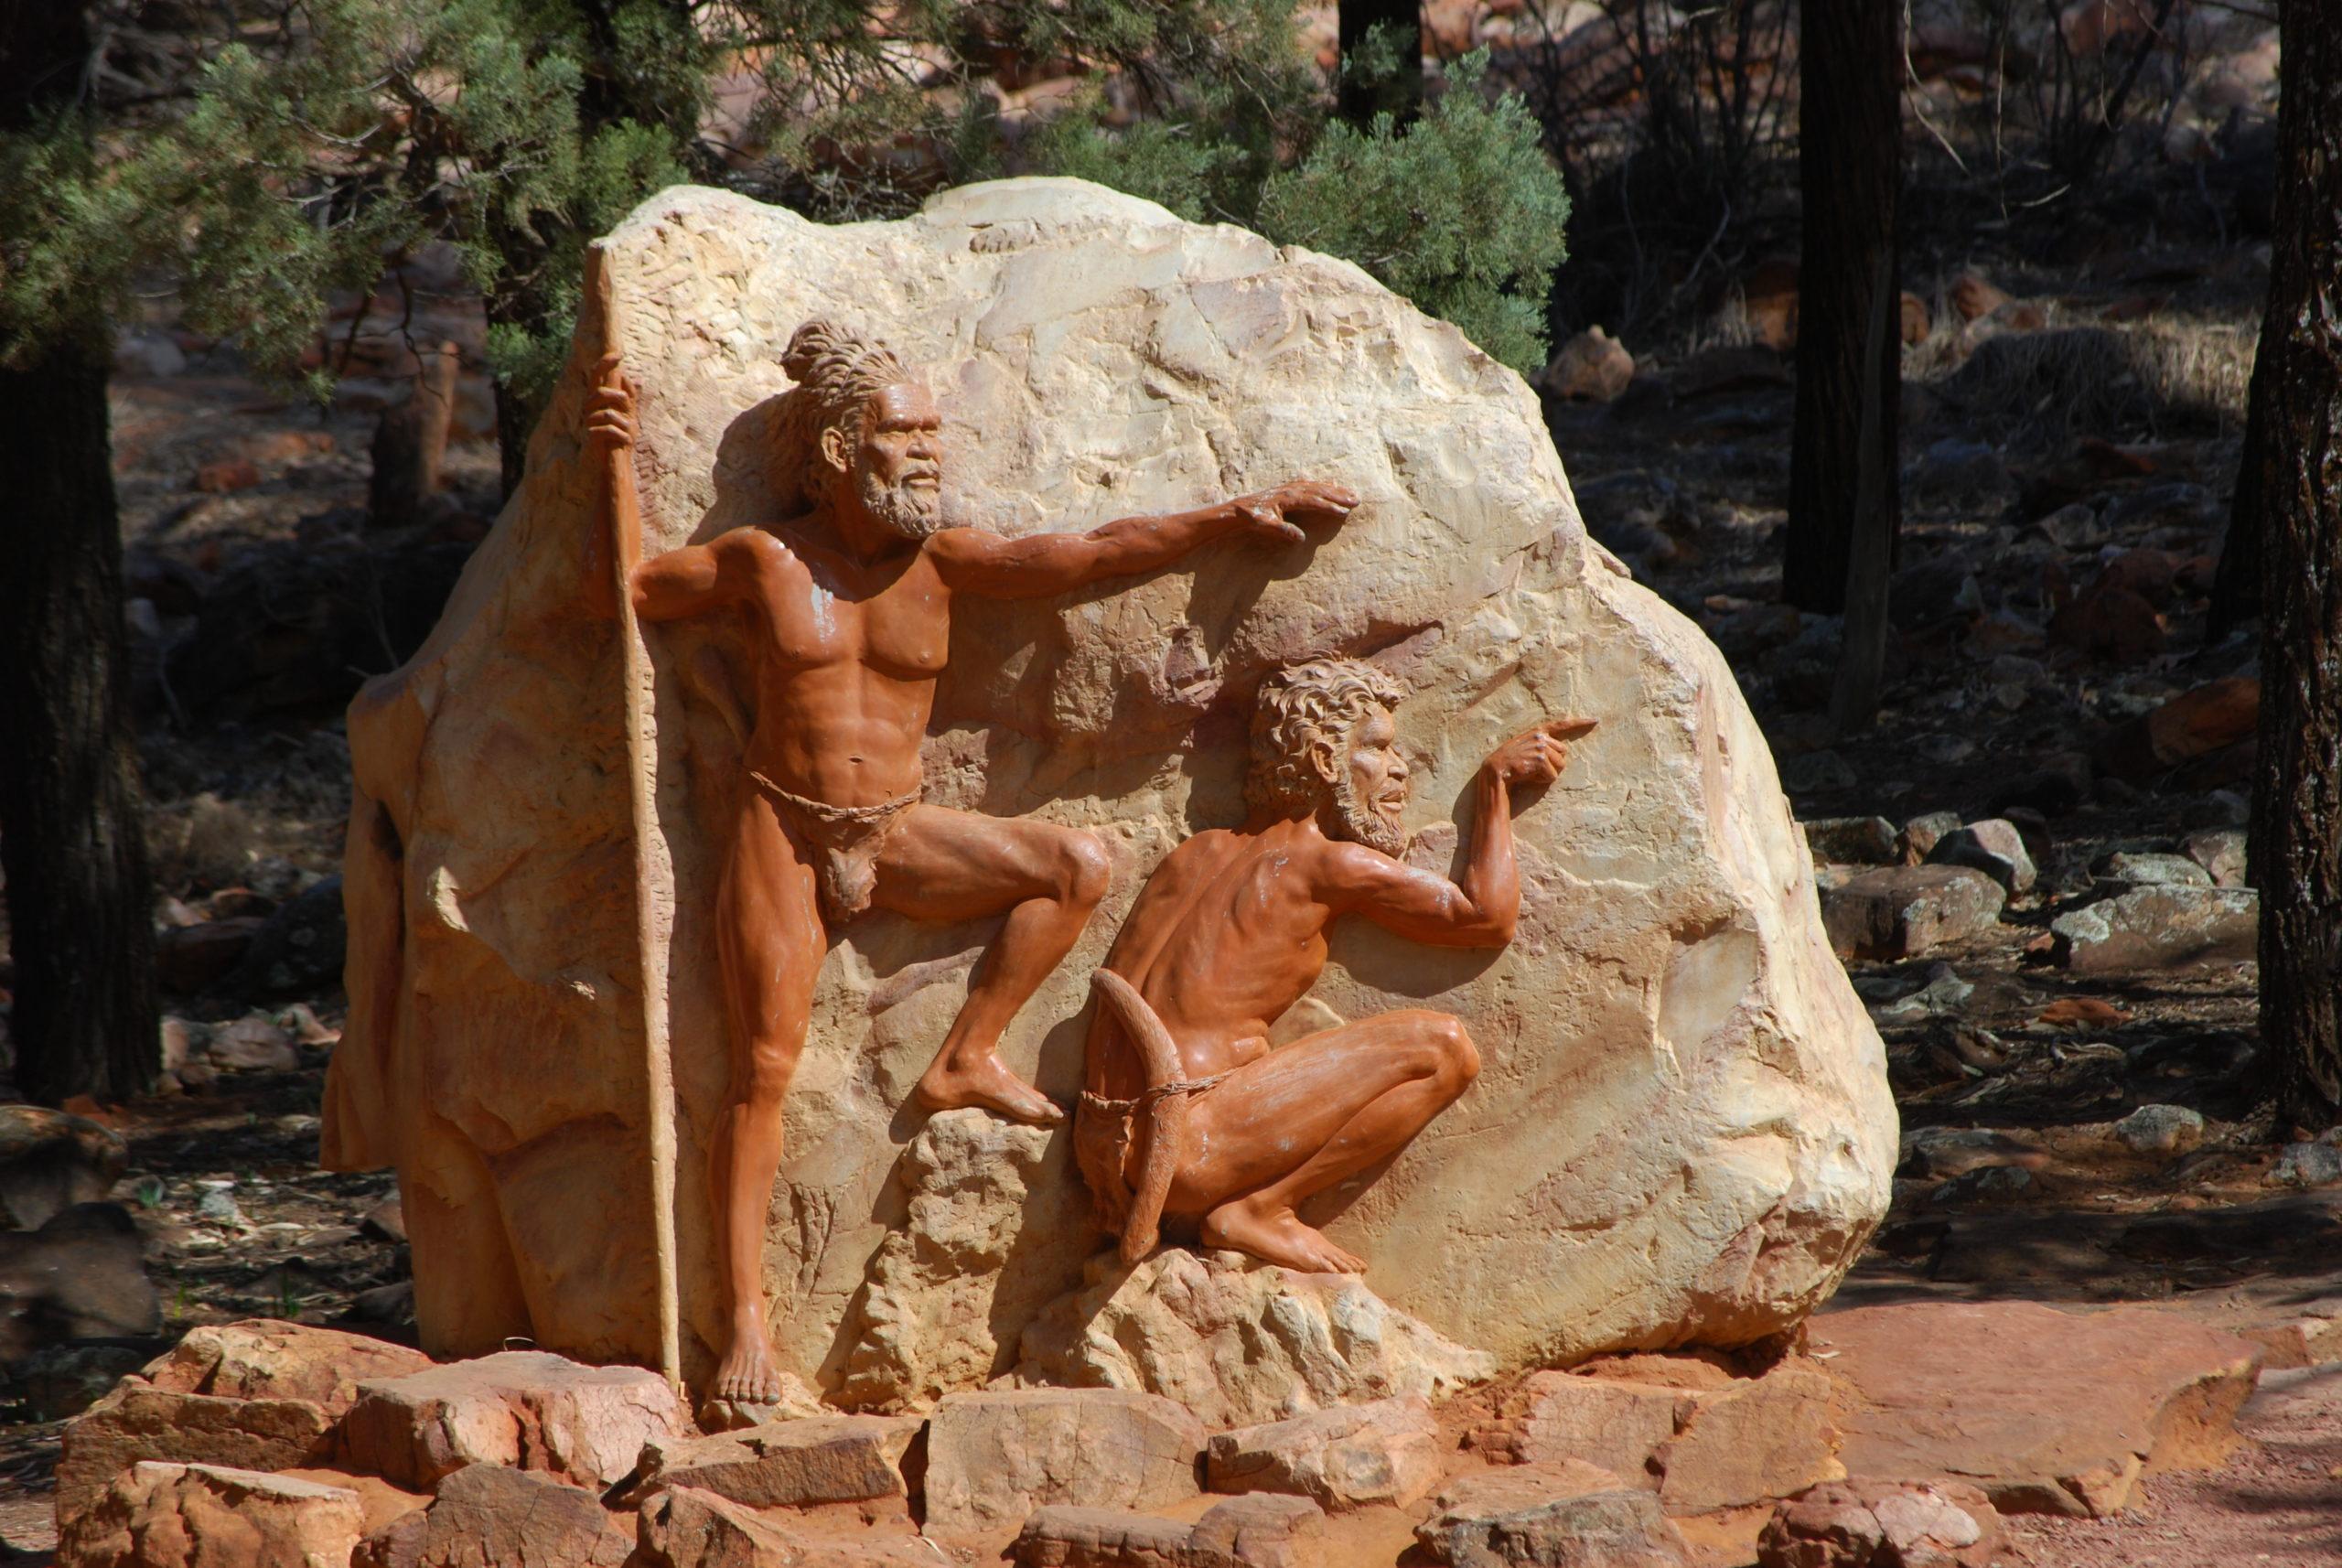 Skulptur im Wilpena Pound